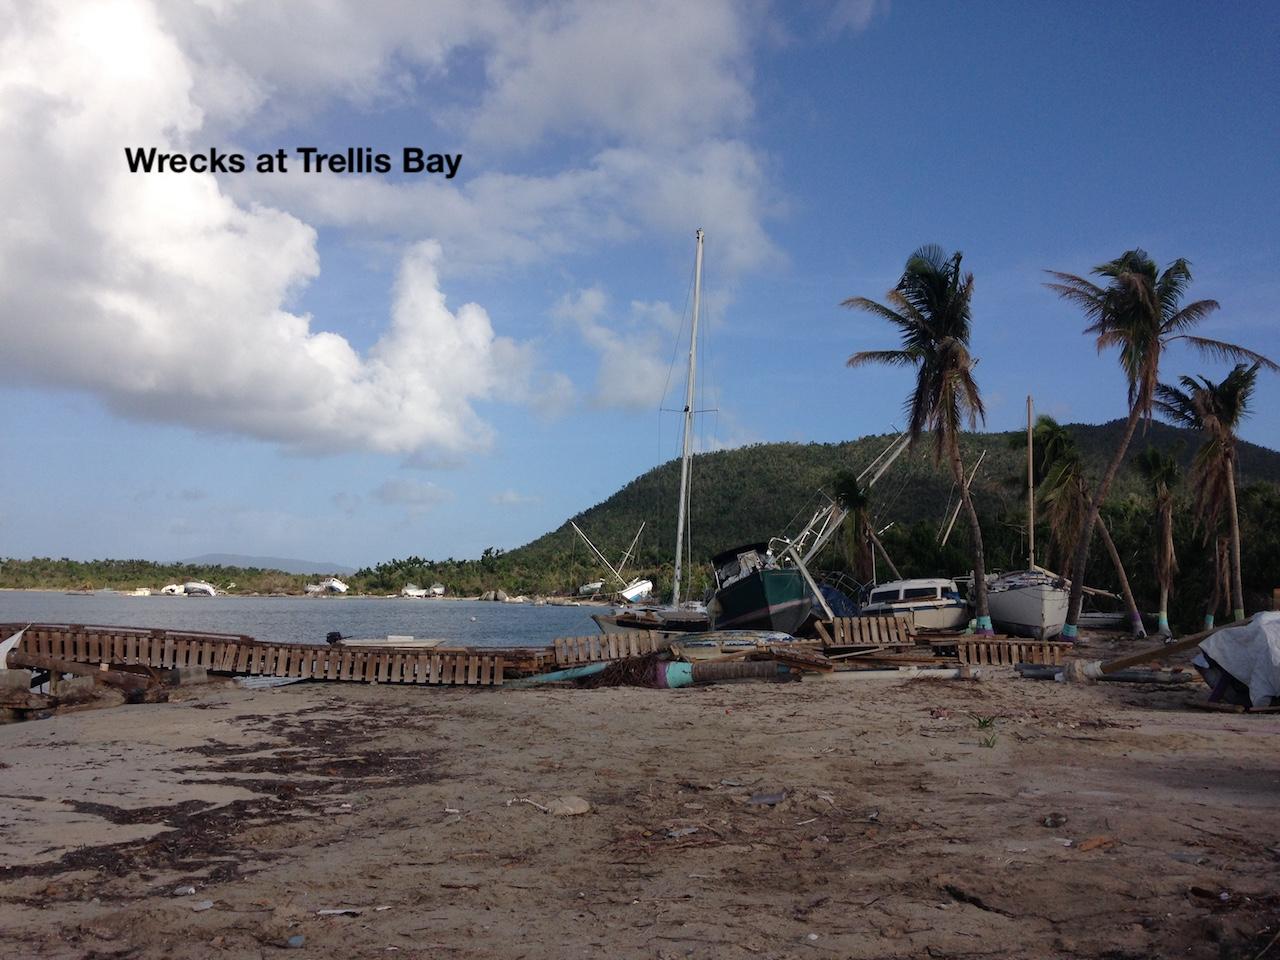 Wrecks at Trellis Bay.JPG